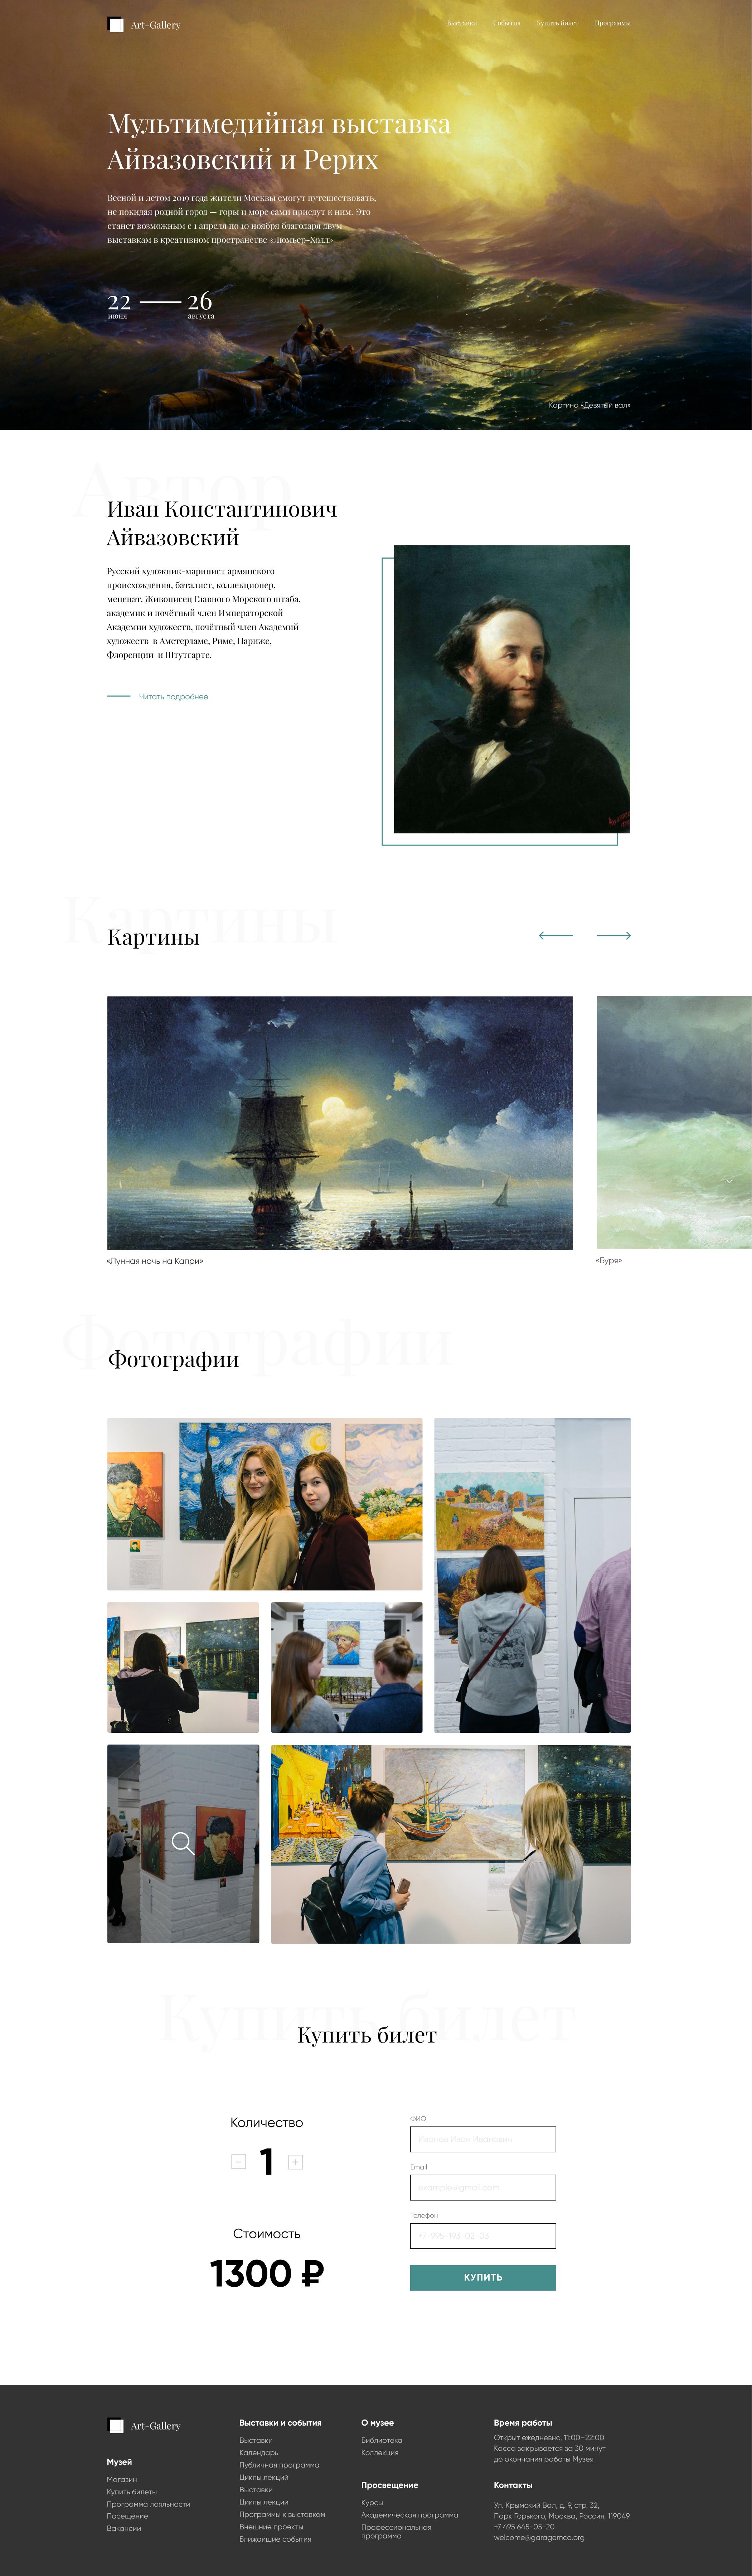 Дизайн сайта для  выставки картинной галереи 1